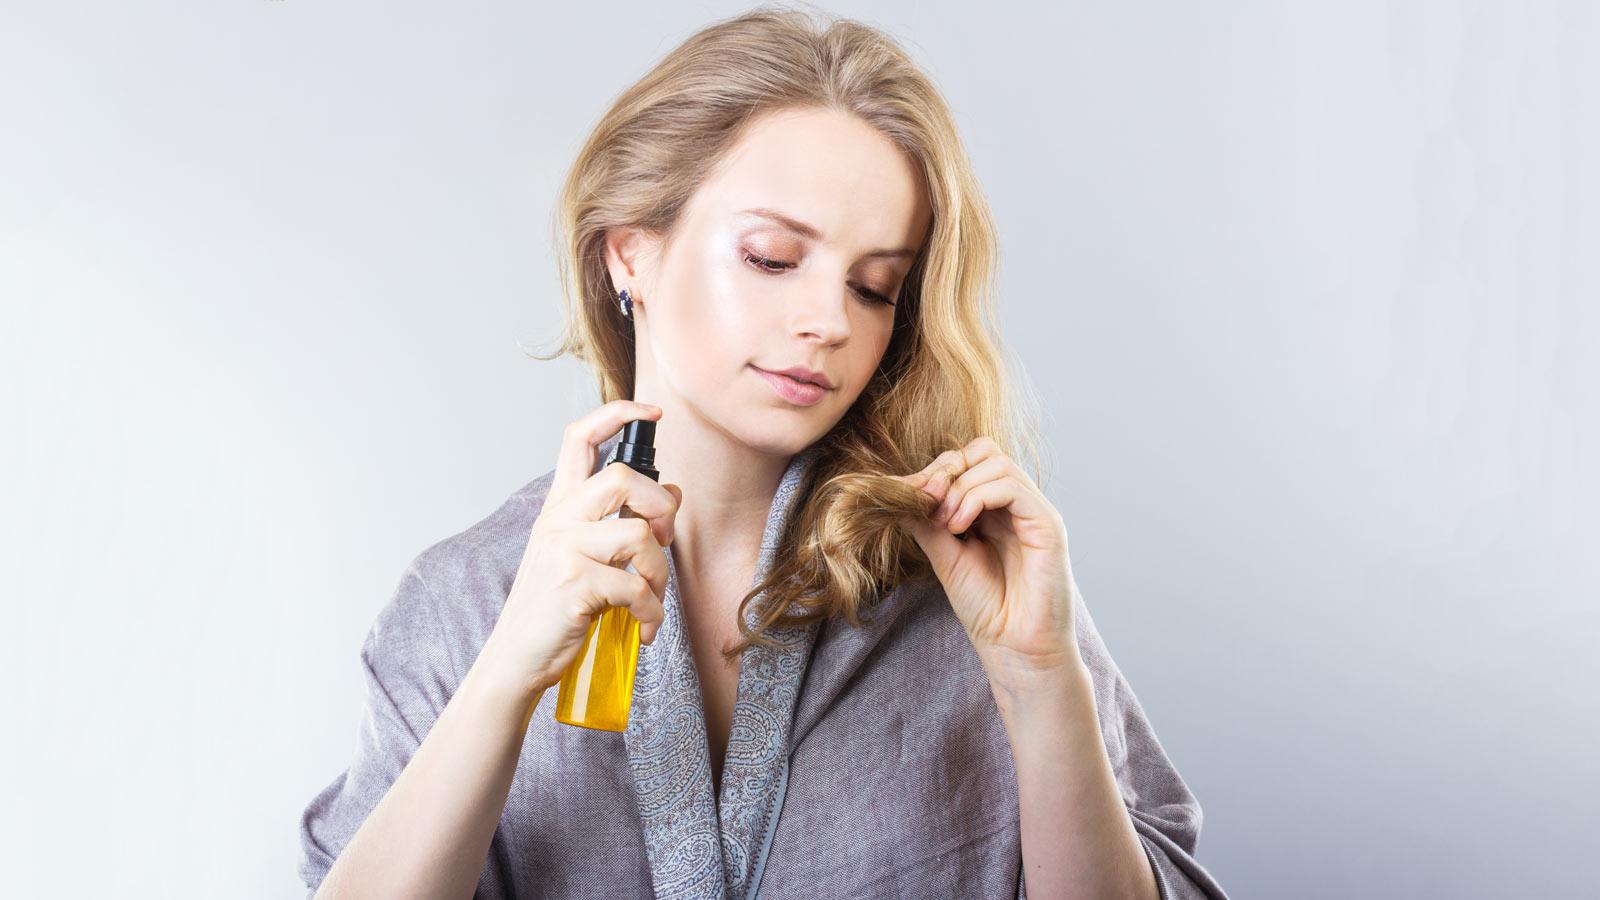 Nên dùng loại nước hoa dành riêng cho tóc để đảm bảo tóc không bị khô, xơ.